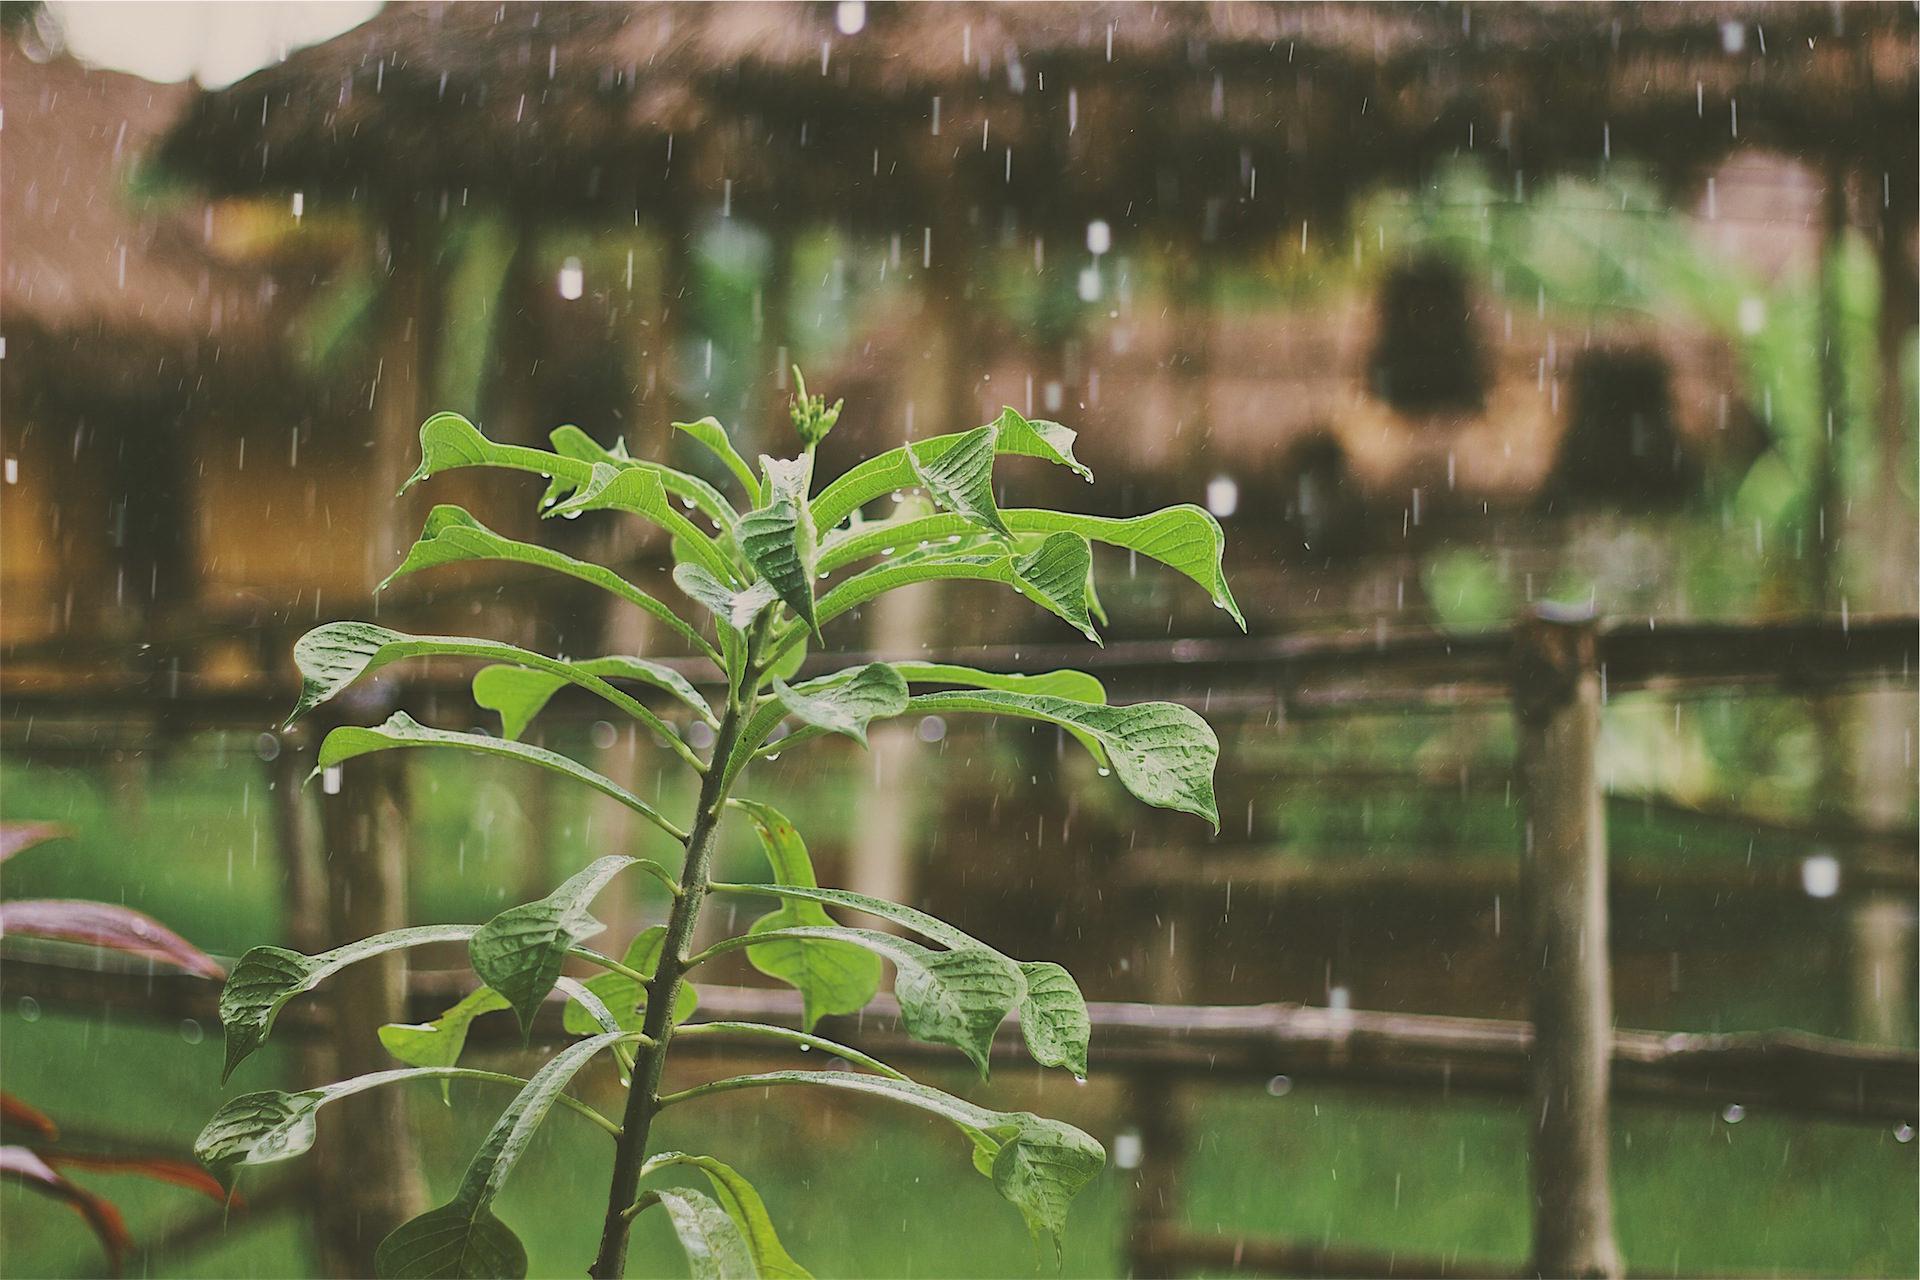 rez de chaussée, pluie, tige, eau, survie - Fonds d'écran HD - Professor-falken.com